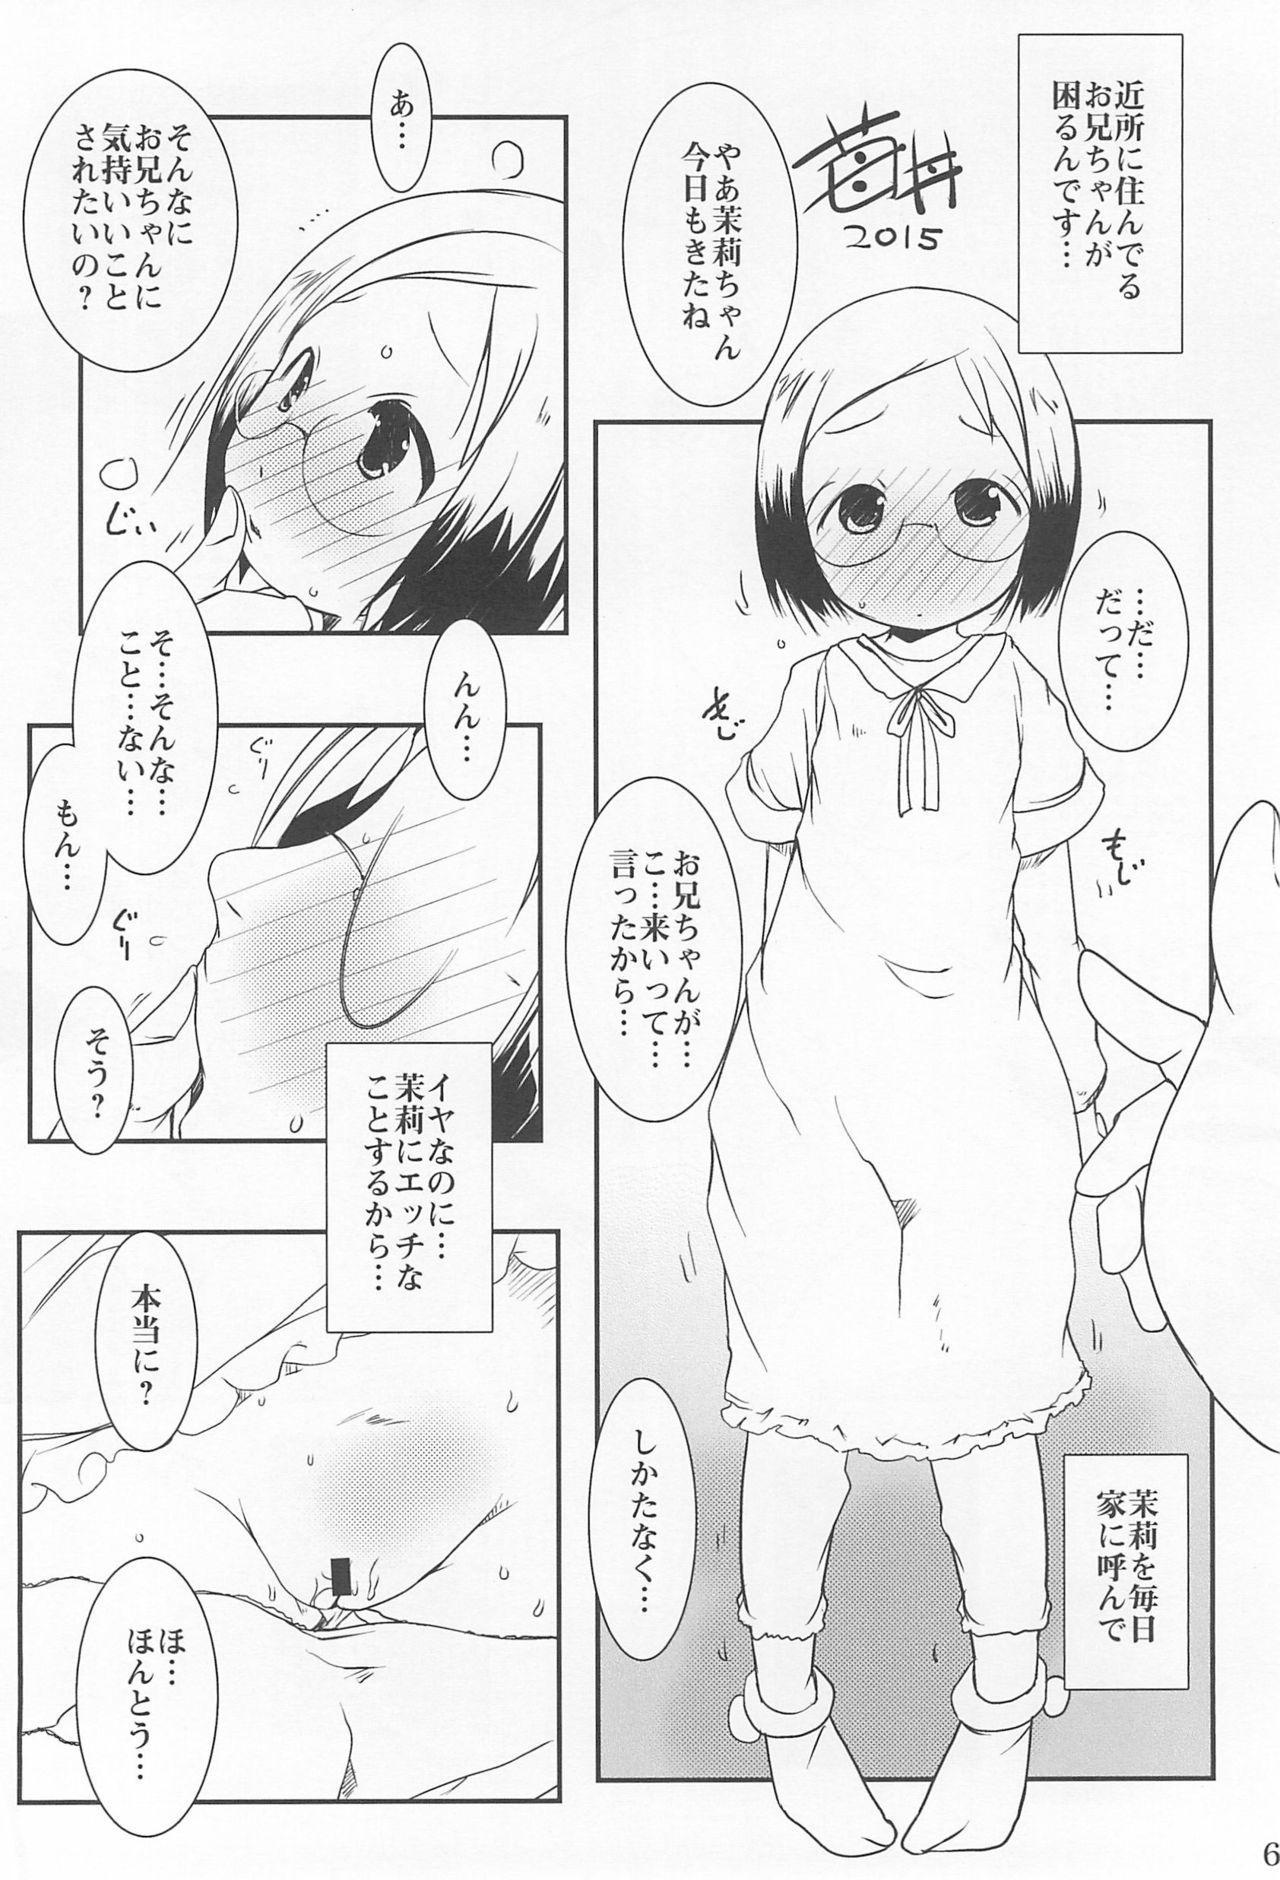 Suitekiya 10 Shuunen Kinen no Hon 5